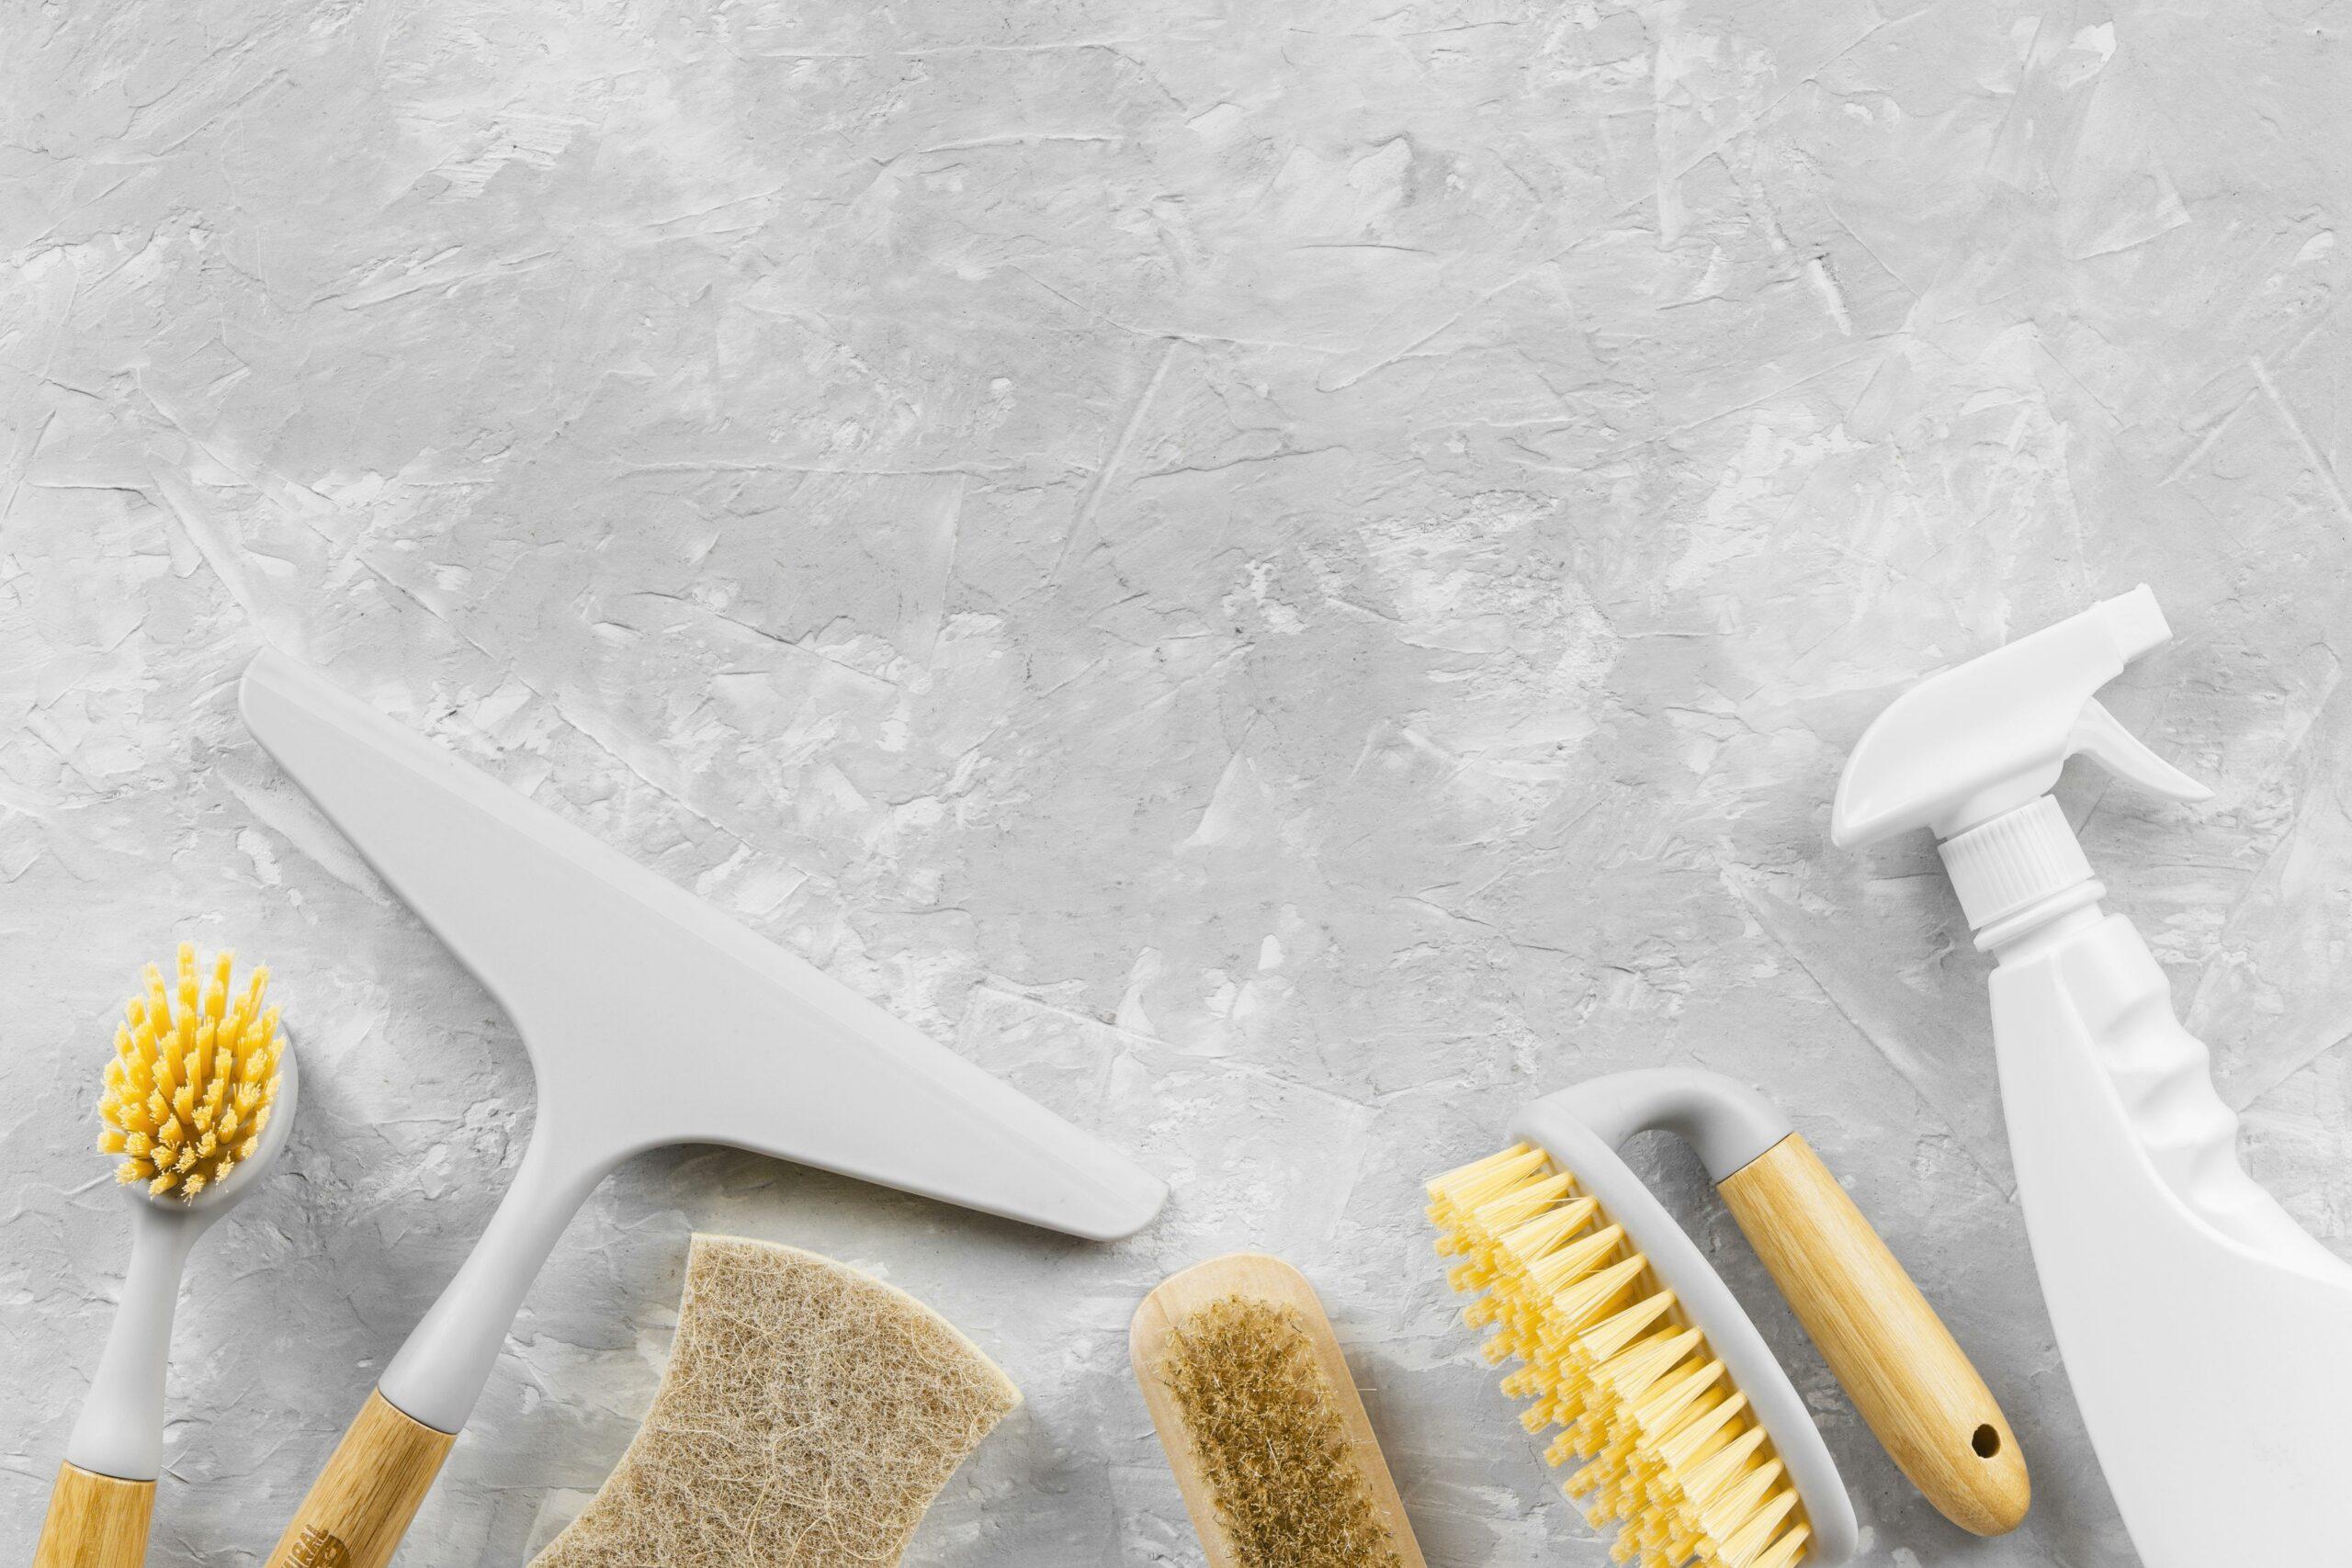 Imagem de produtos de limpeza e acessórios. Imagem ilustrativa texto franquia de produtos de limpeza.